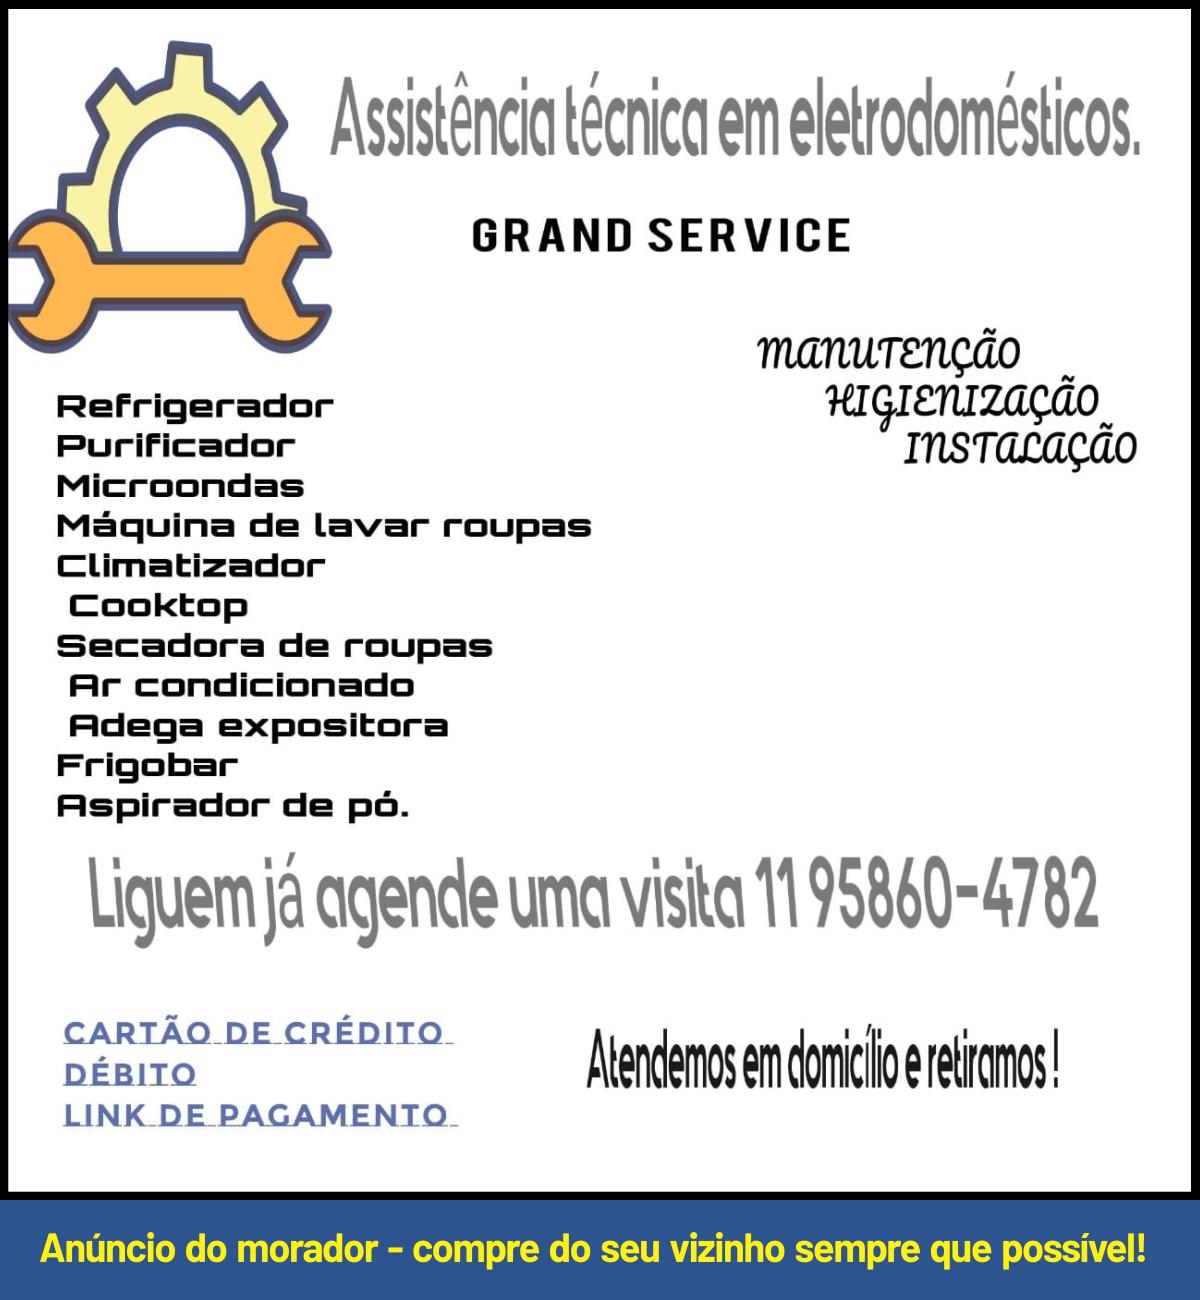 ASS TECNICA ELETRODOMESTICOS.png